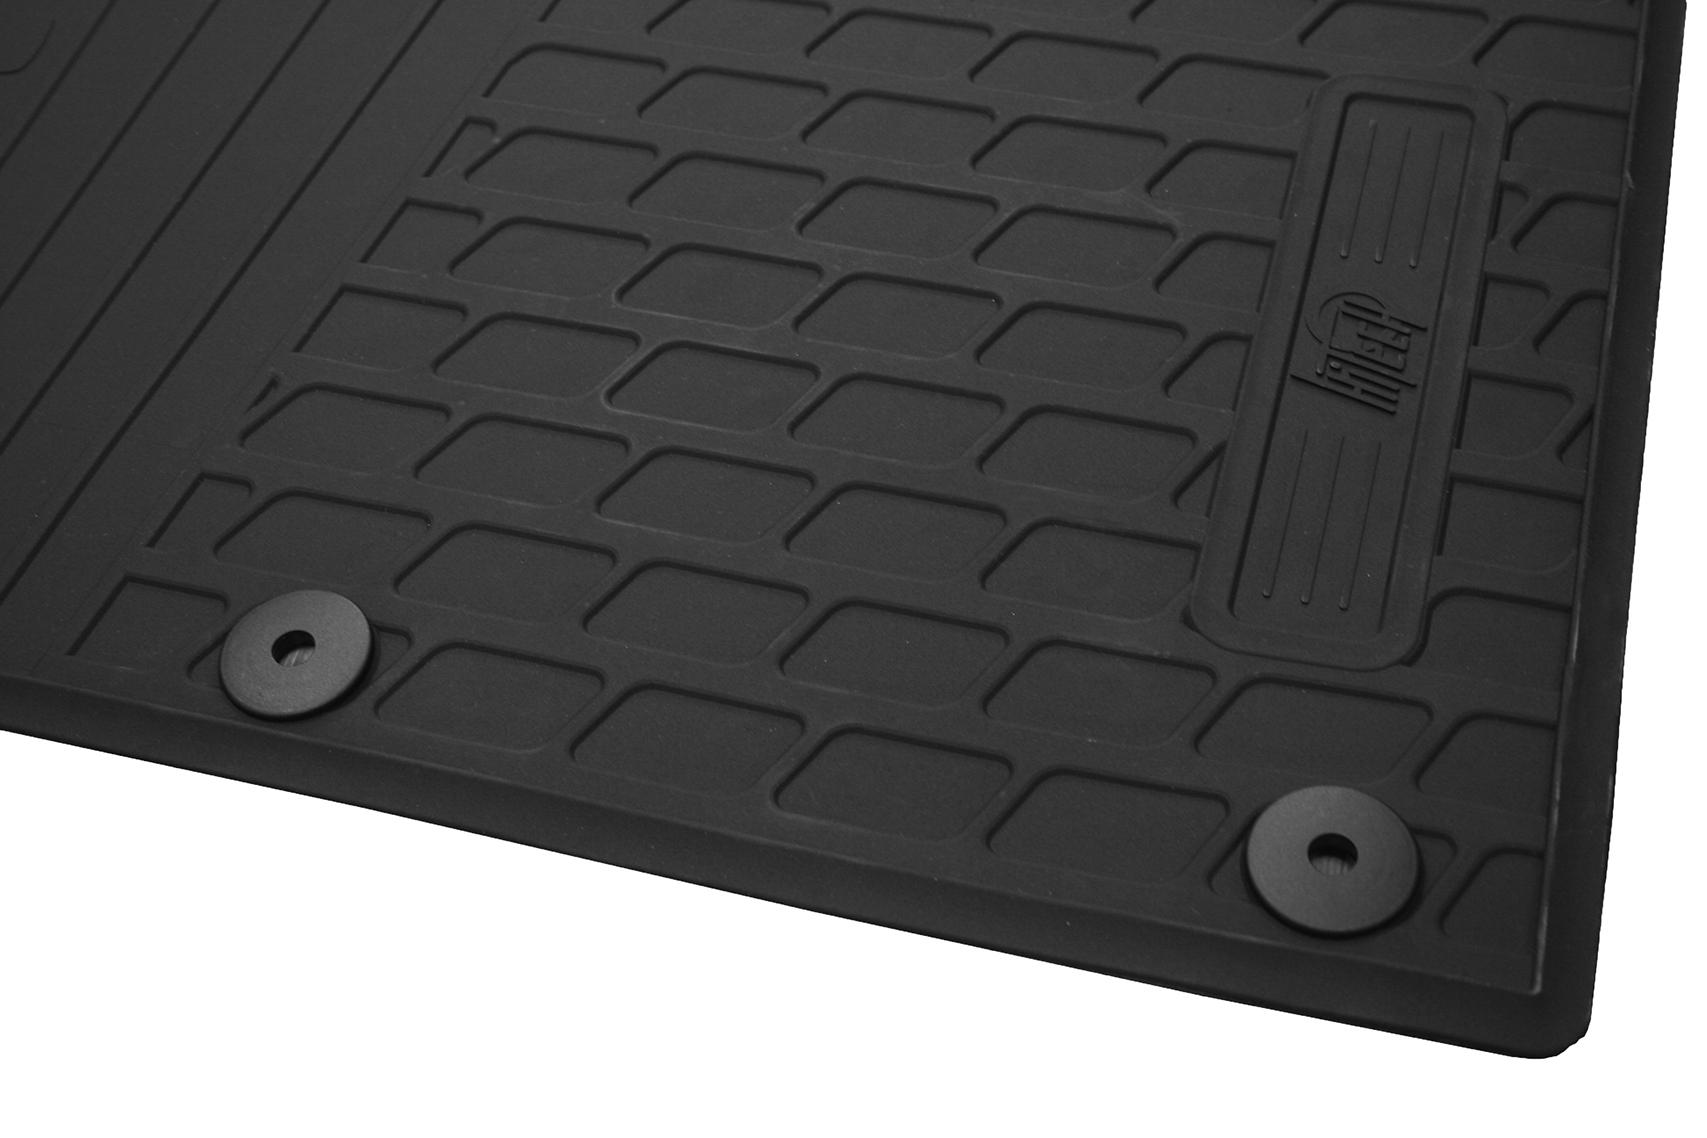 Ford Transit Custom Rubber Floor Mats Floor Matttroy